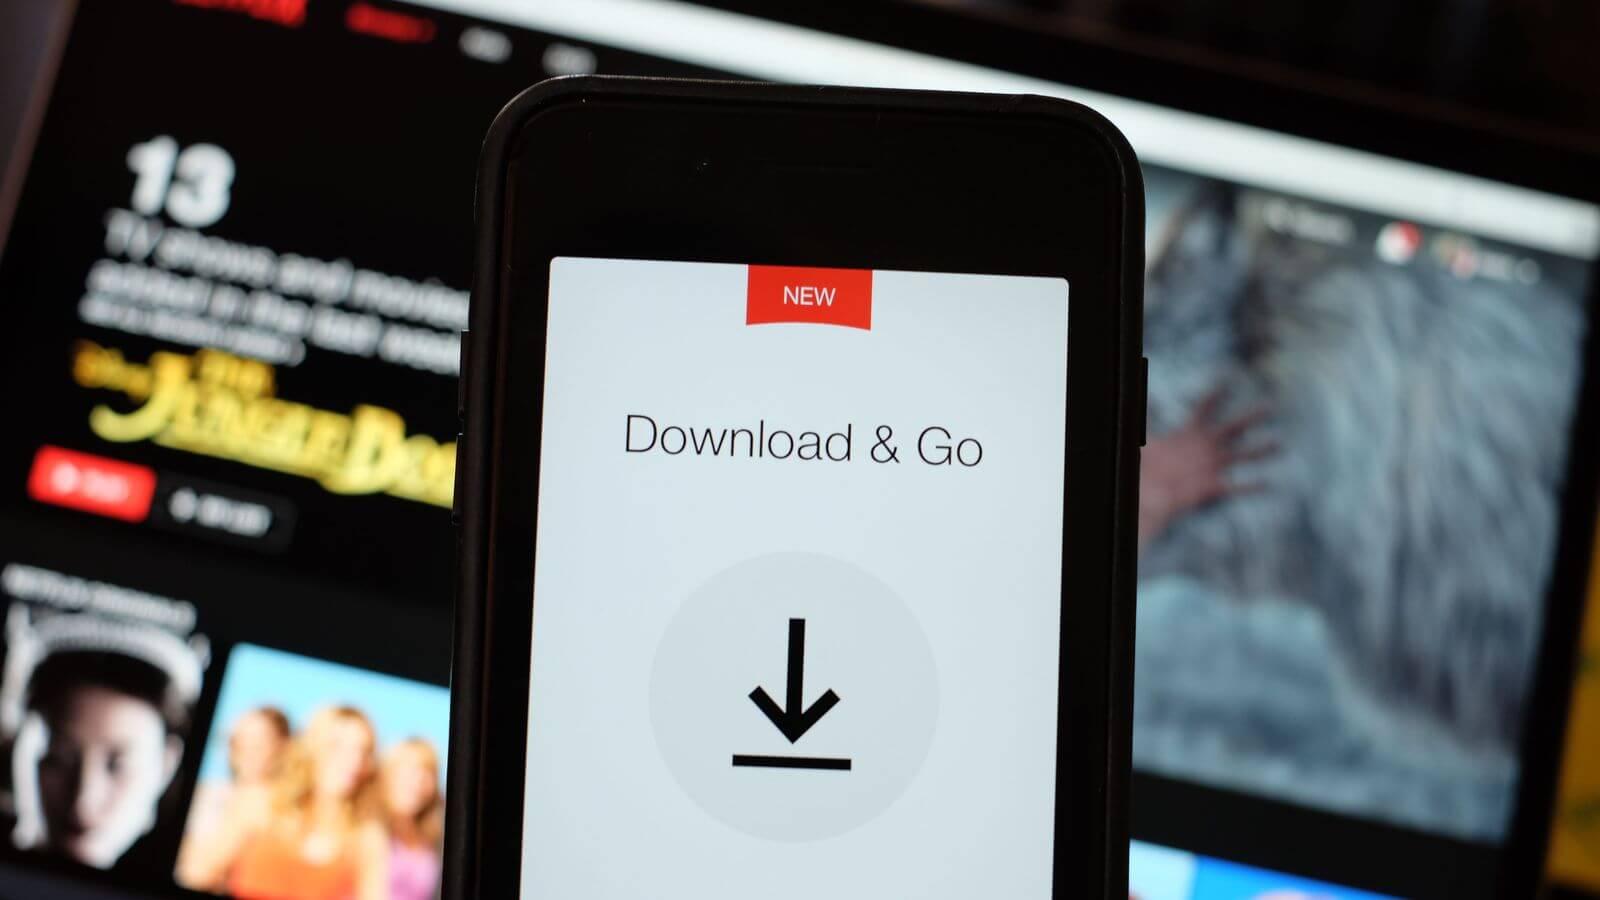 netflix download and go - Agora você pode assistir Netflix offline no seu PC/smartphone com Windows 10